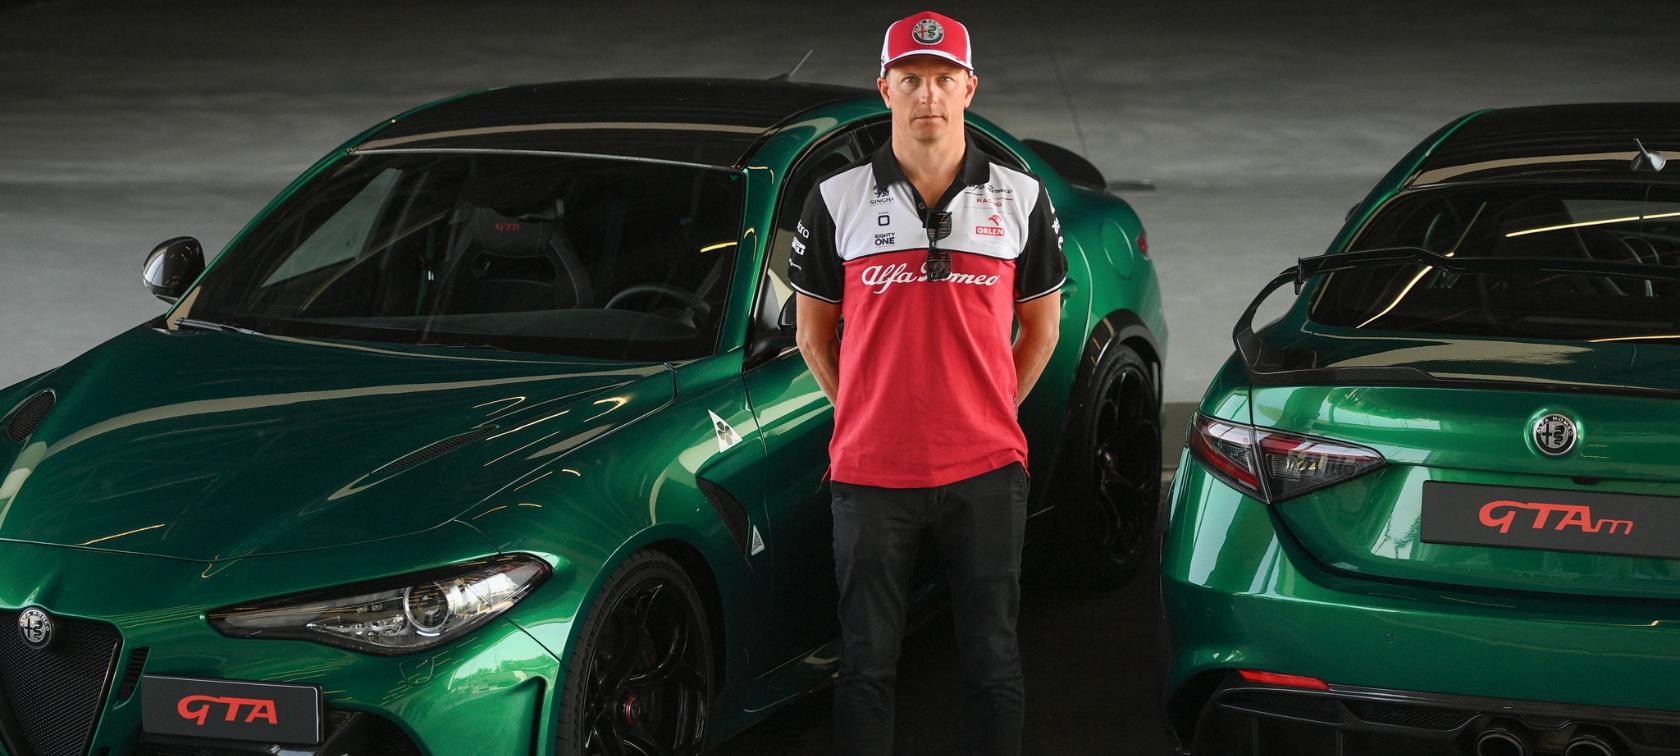 Auto Garant Kimi Raikonen, vozač Alfa Romeo Racing ORLEN tima, povlači se iz F1 krajem 2021. godine